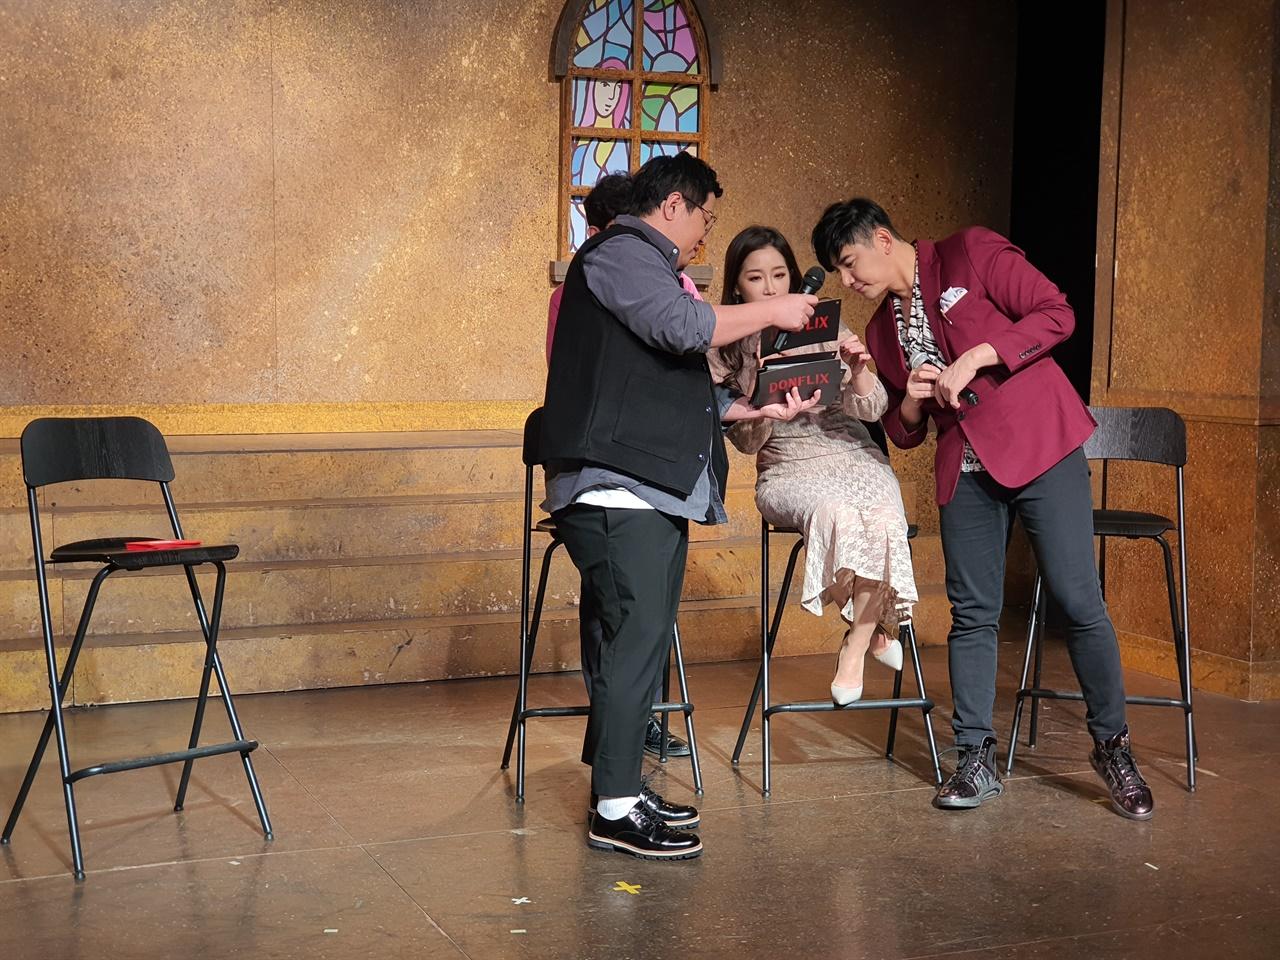 <서프라이즈> 팬미팅 현장에서 어려운 퀴즈 문제를 고르고 있는 배우들.